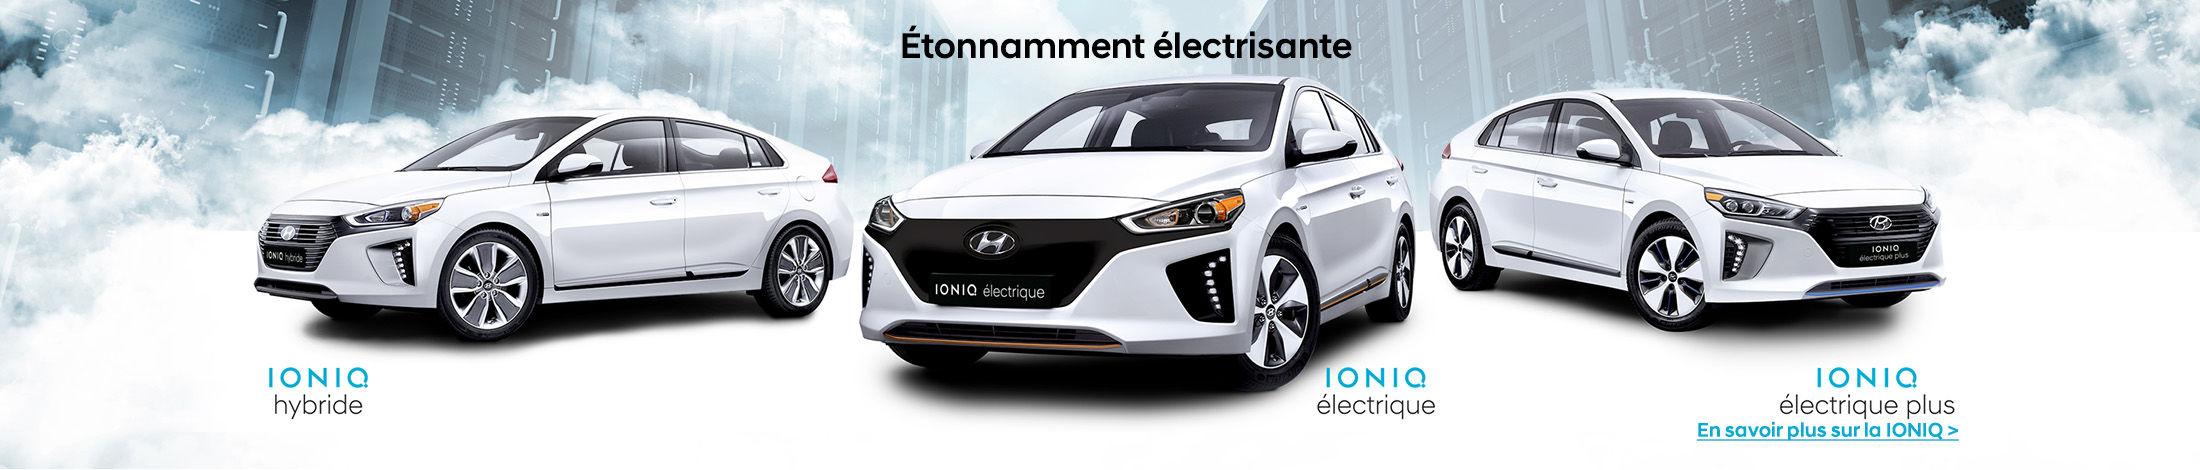 IONIQ hybrid-electrique-electrique plus